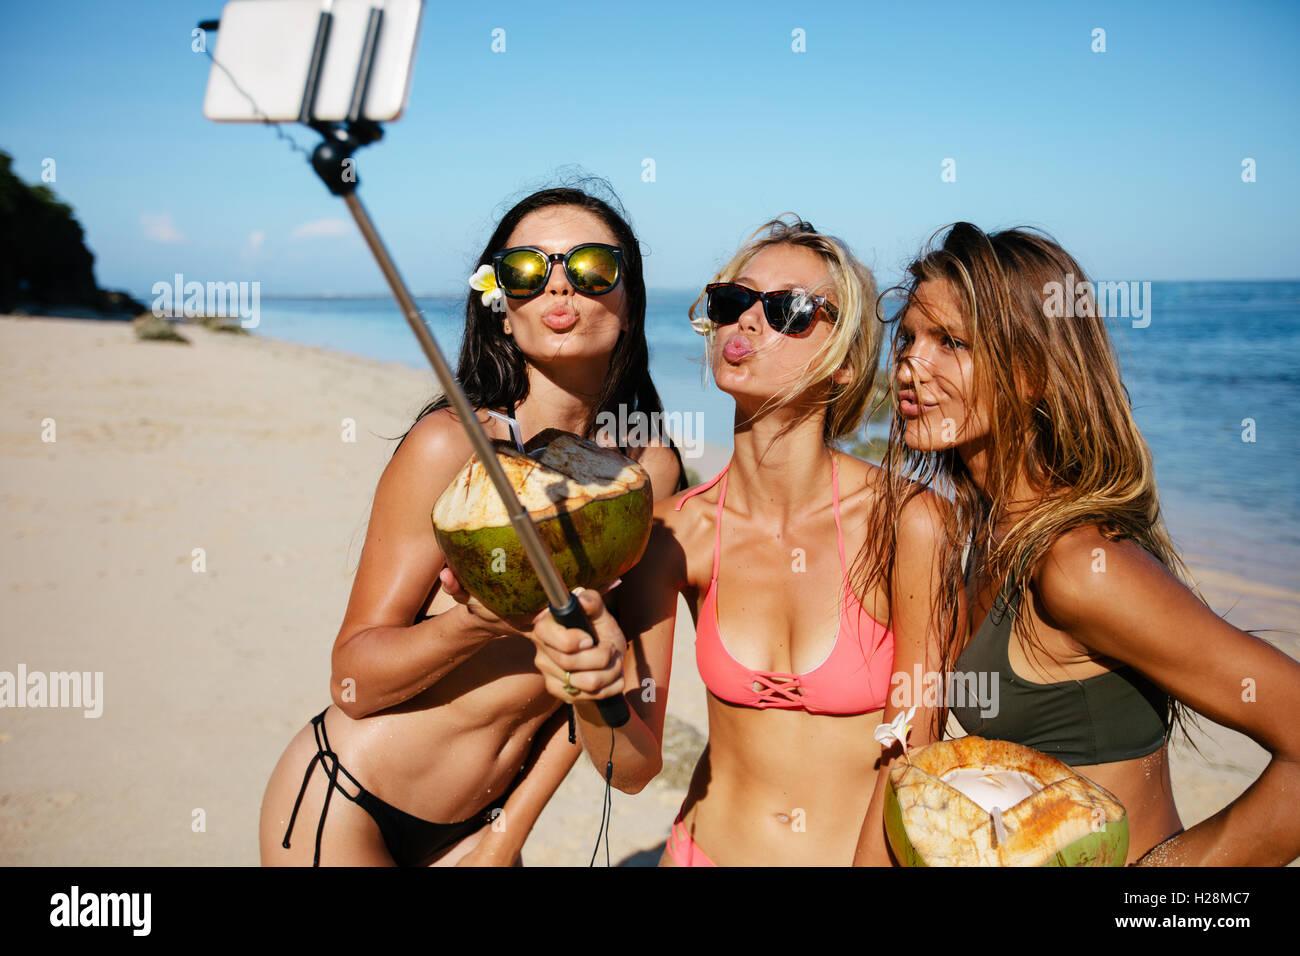 Costume Da Bagno Femminile In Inglese : Tre giovani donne in costume da bagno sulla spiaggia godendo le